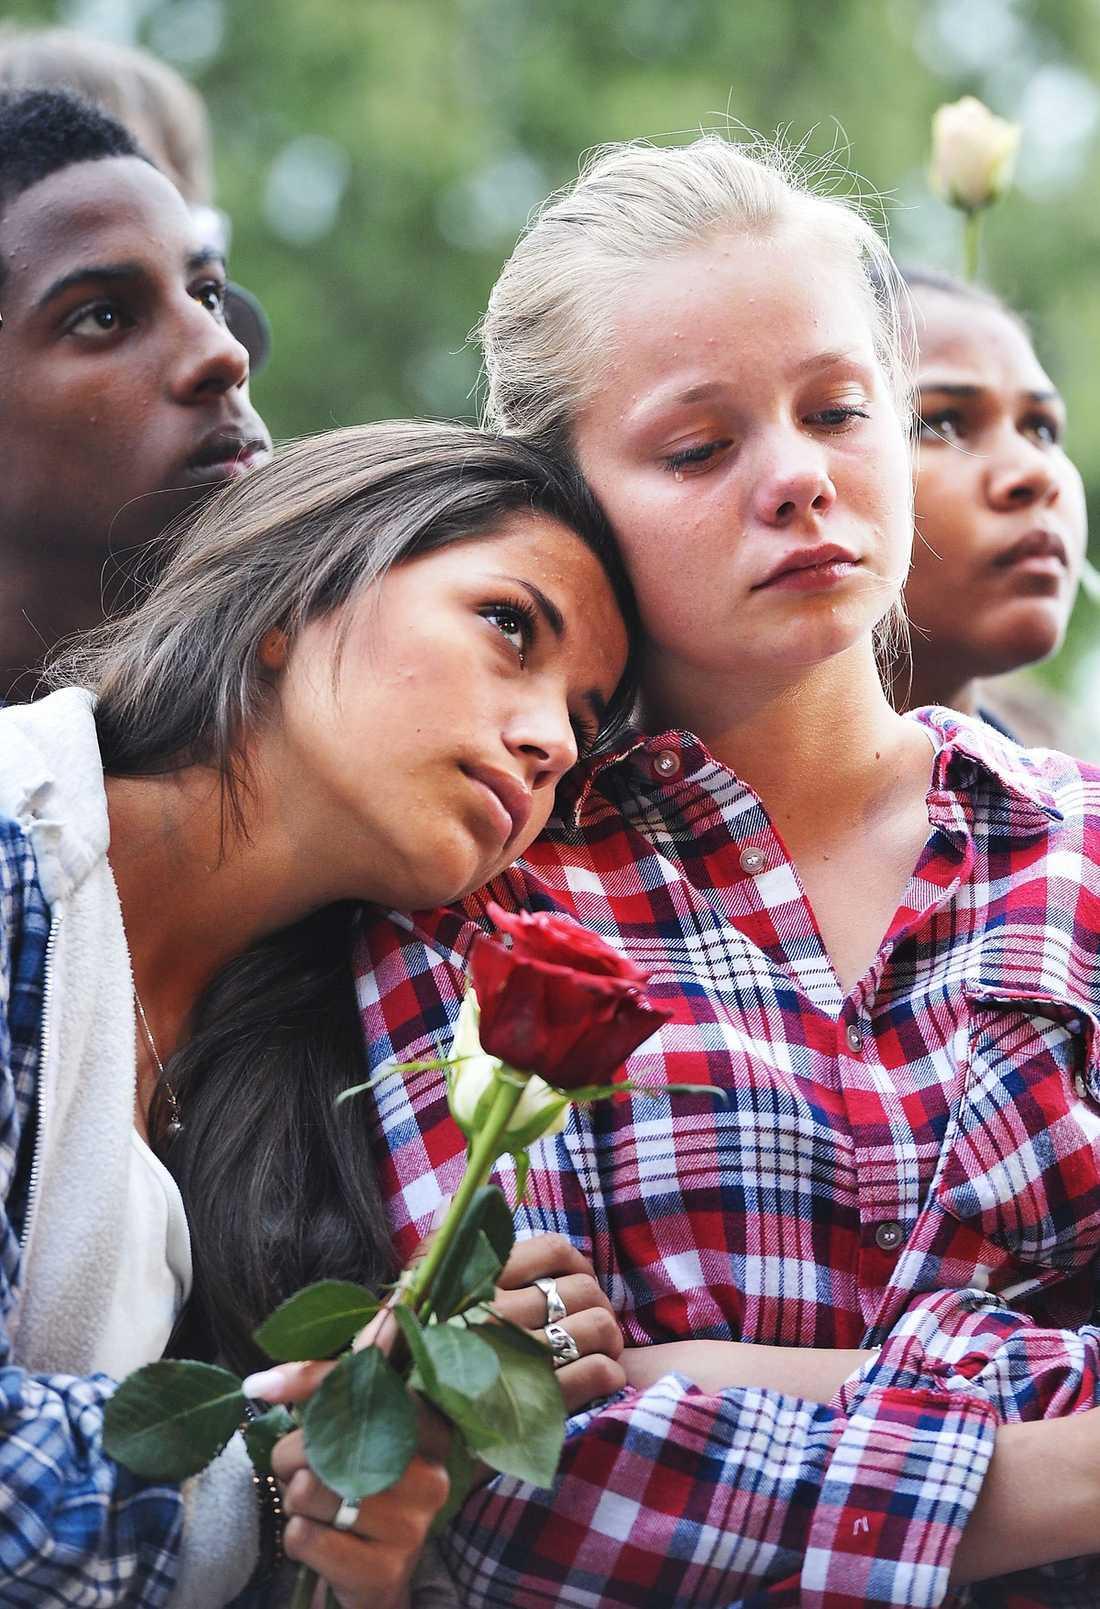 TRÖST Oslo gick man ur huse för att delta i blomstertåget. Unga och gamla sörjde tillsammans.